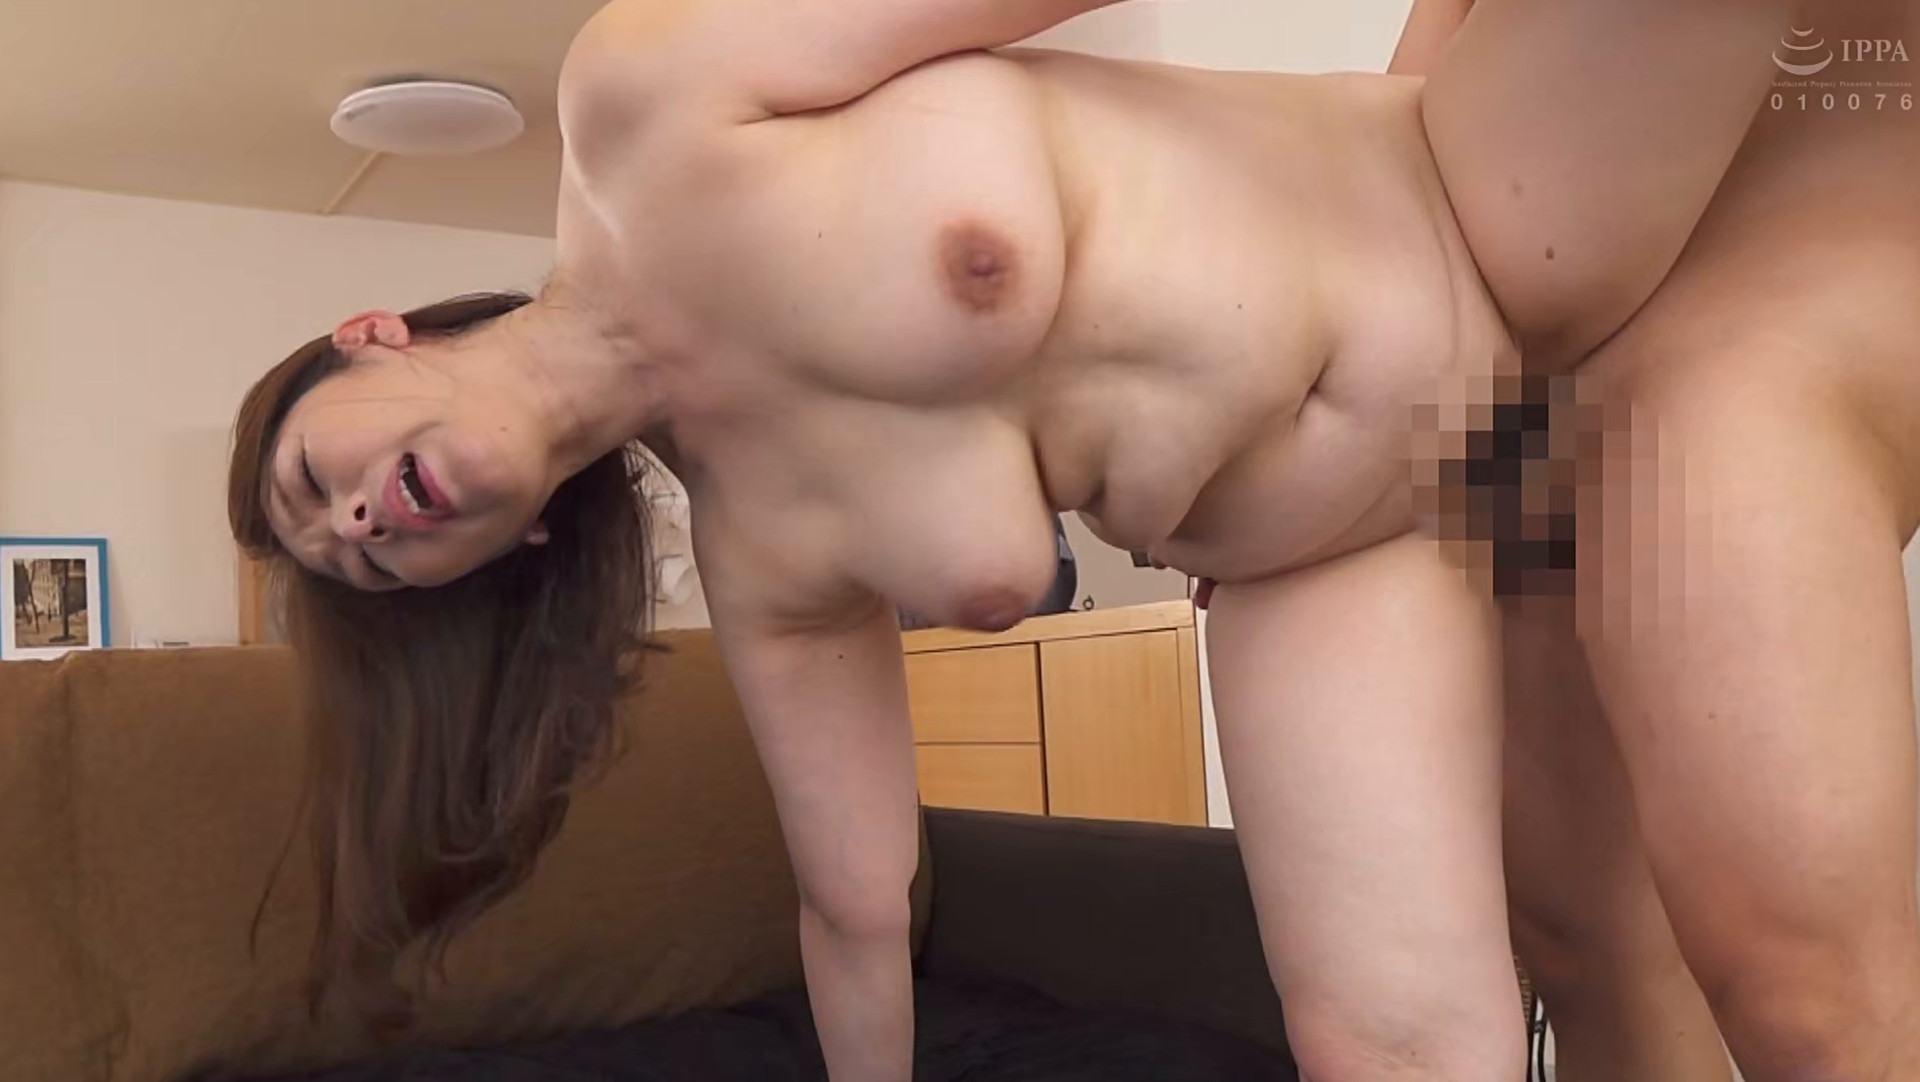 美熟女AV女優・翔田千里さんが「兄の妻」で立ちバックSEXしているエロ画像